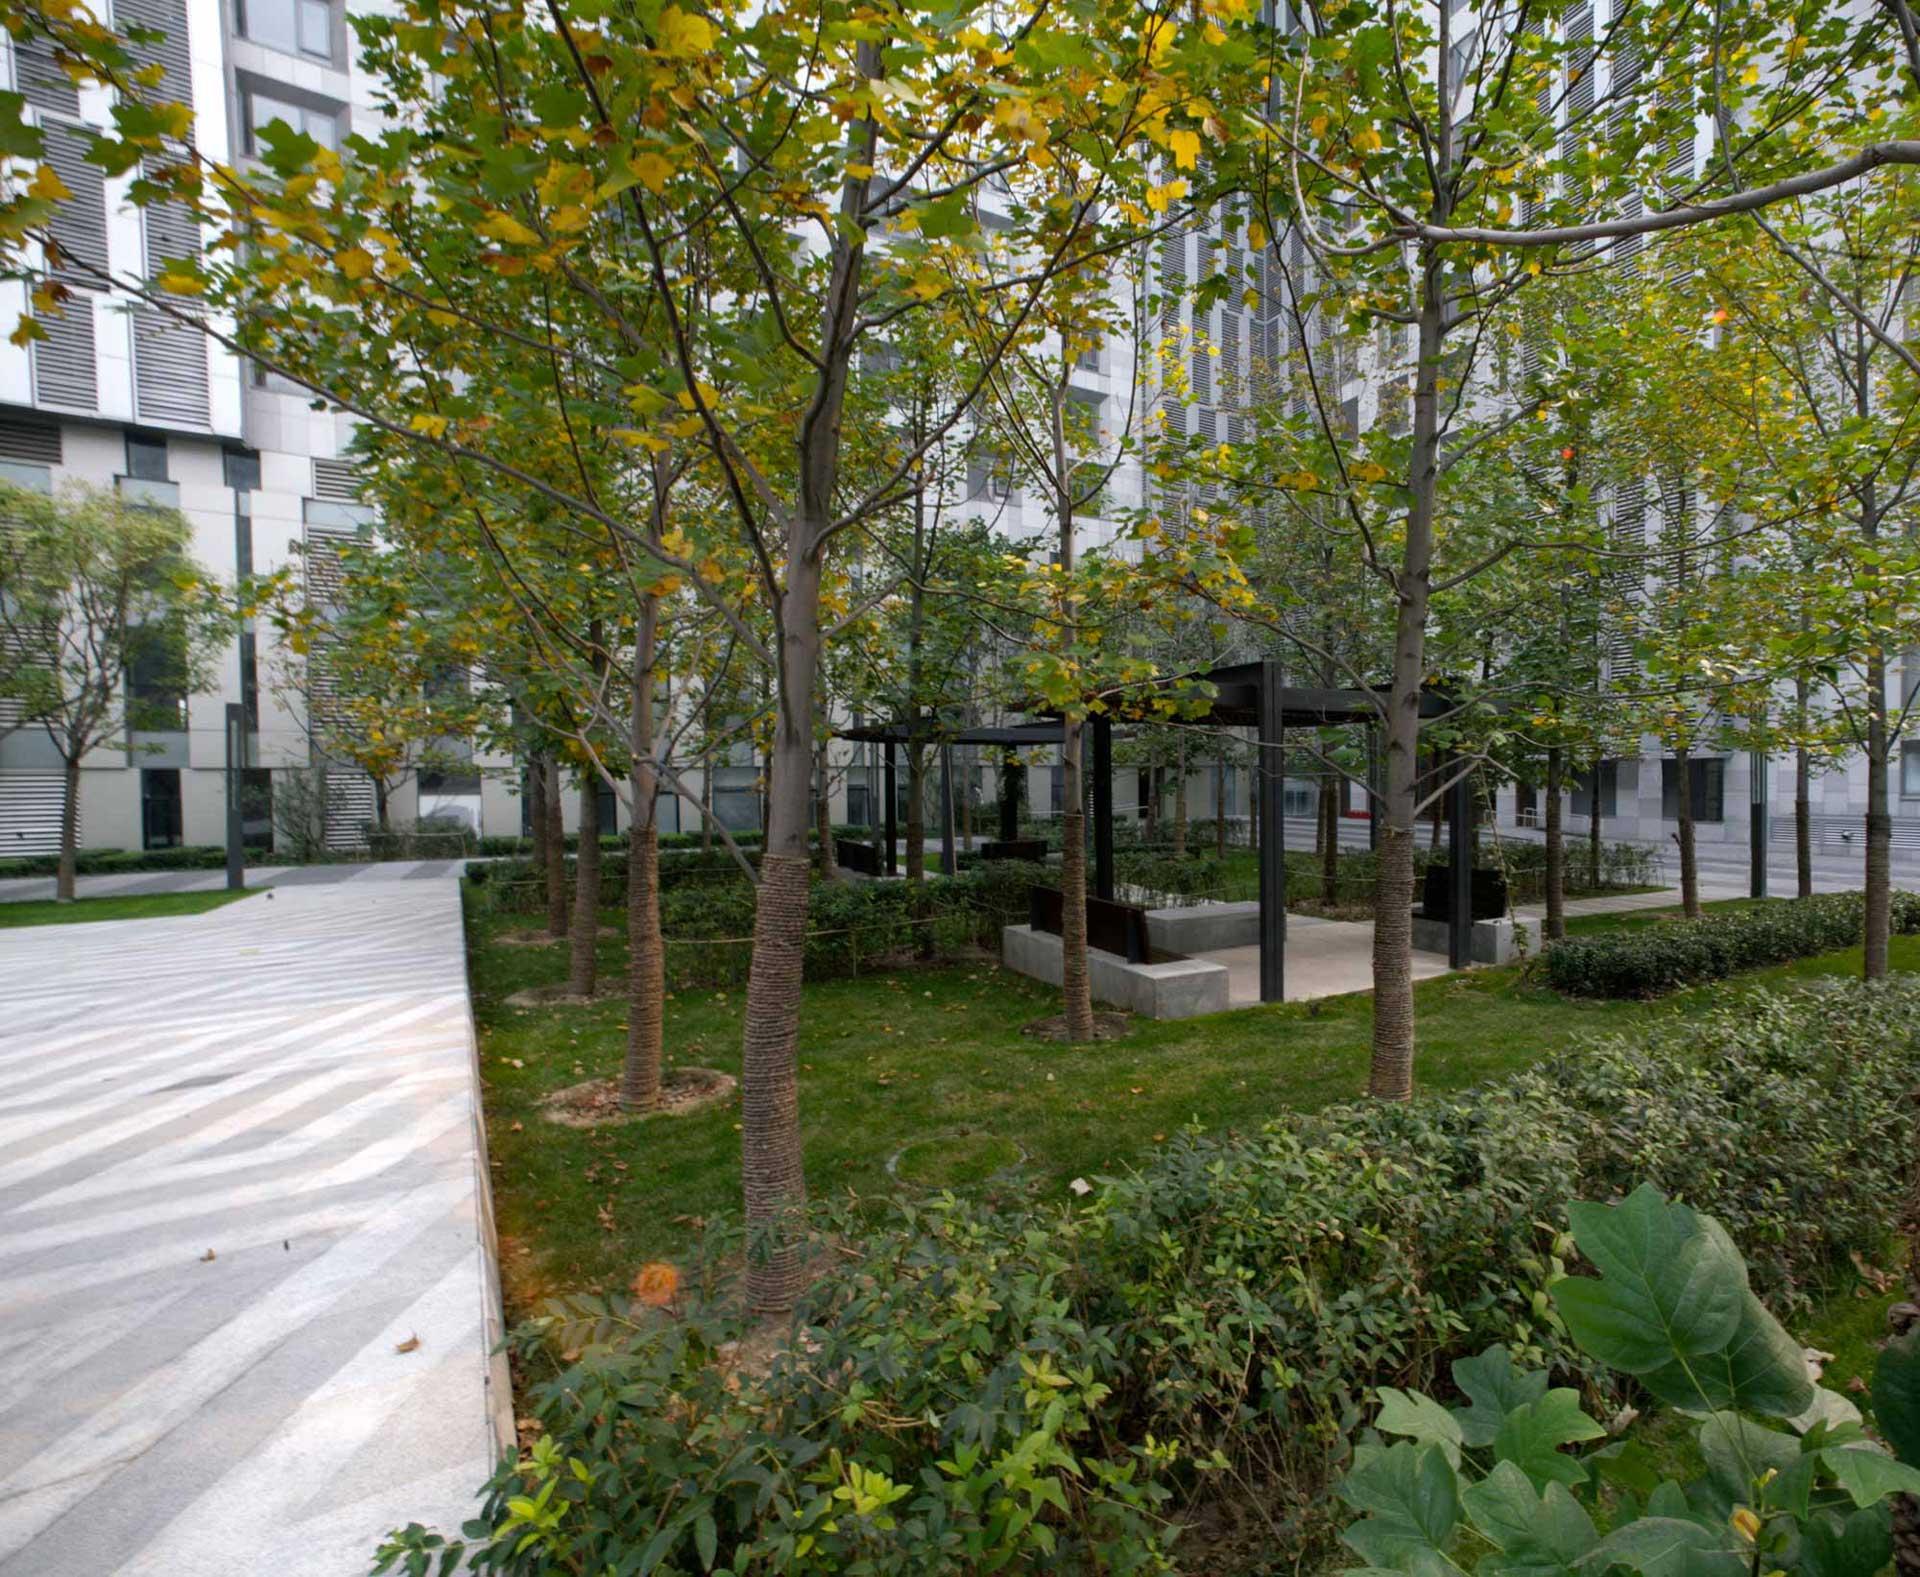 Park-Five_Klopfer-Martin-Design-Group_Beijing_planting_pavillion.jpg